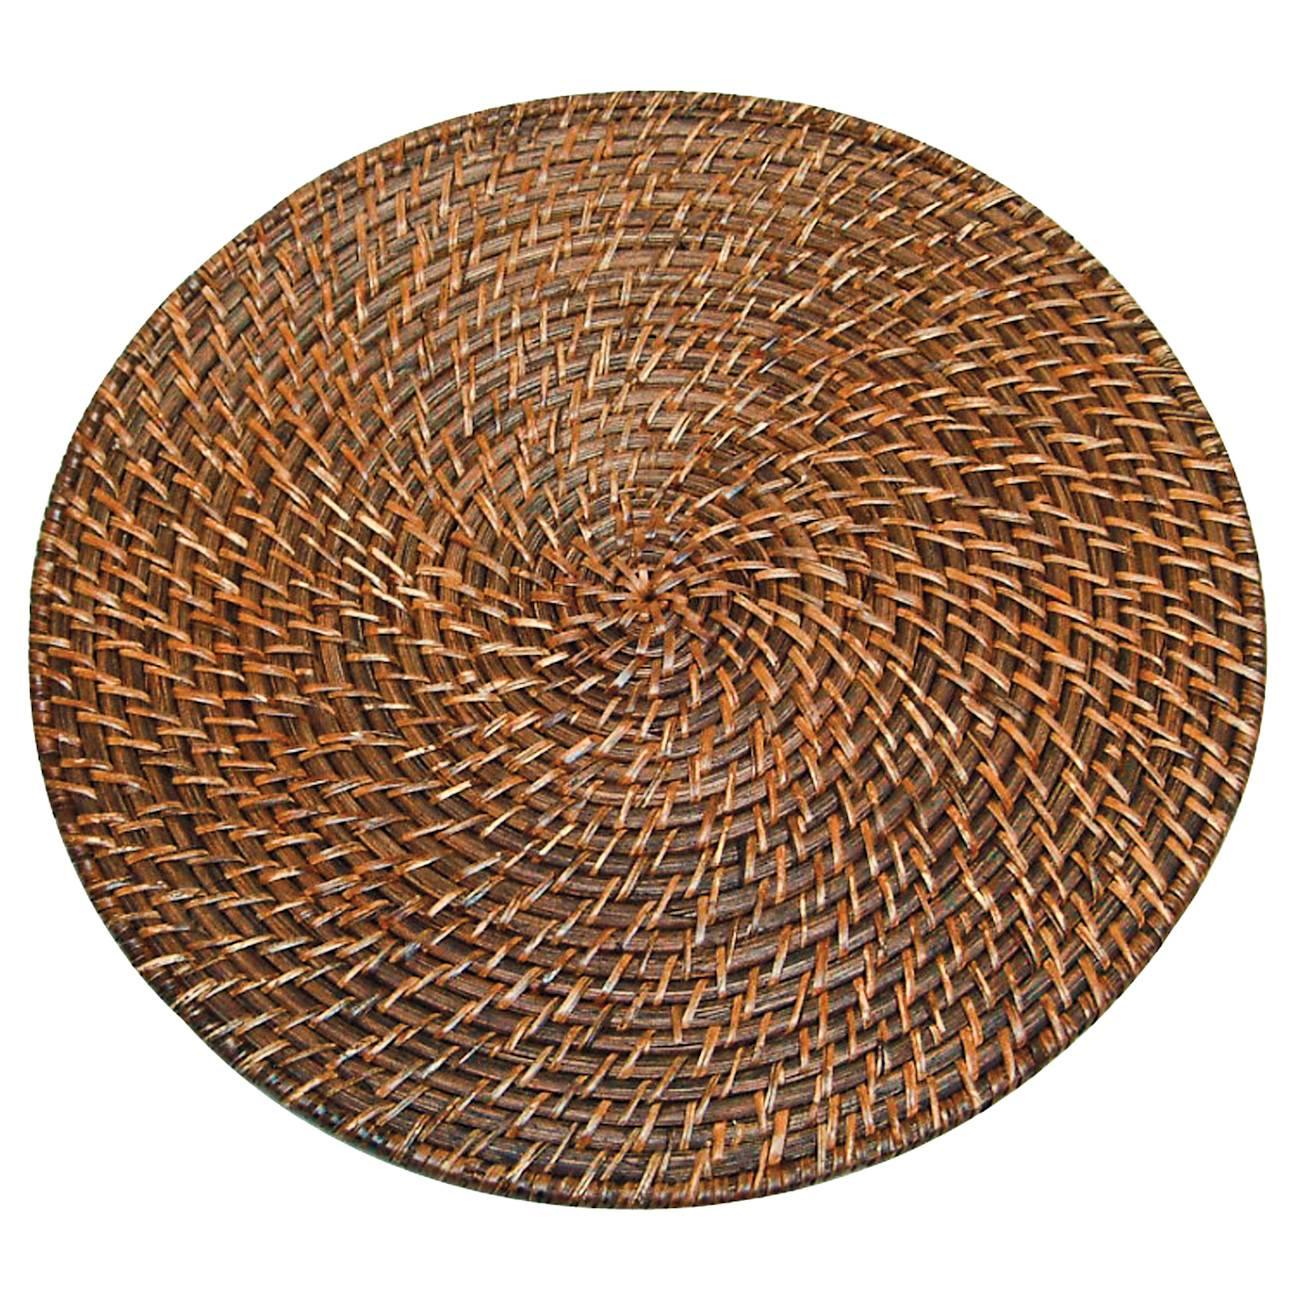 Descanso para Panelas Redondo Grande Marrom em Rattan - Prestige - 34 cm